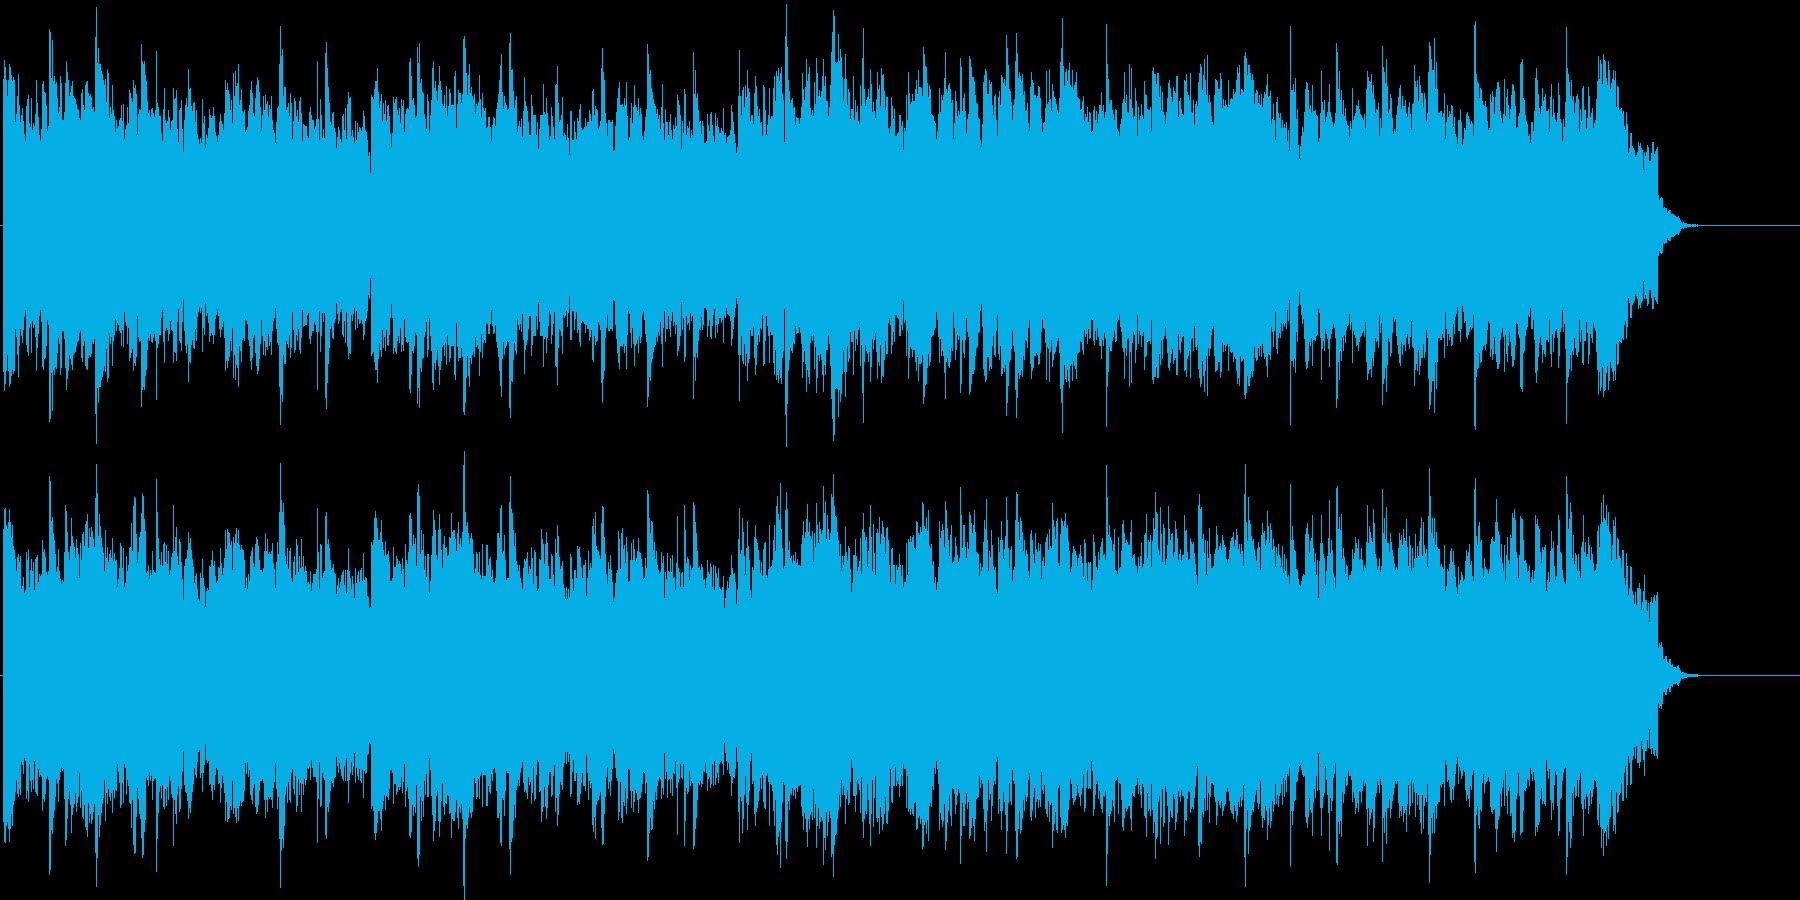 しっとりとした哀愁漂う自然のBGMの再生済みの波形